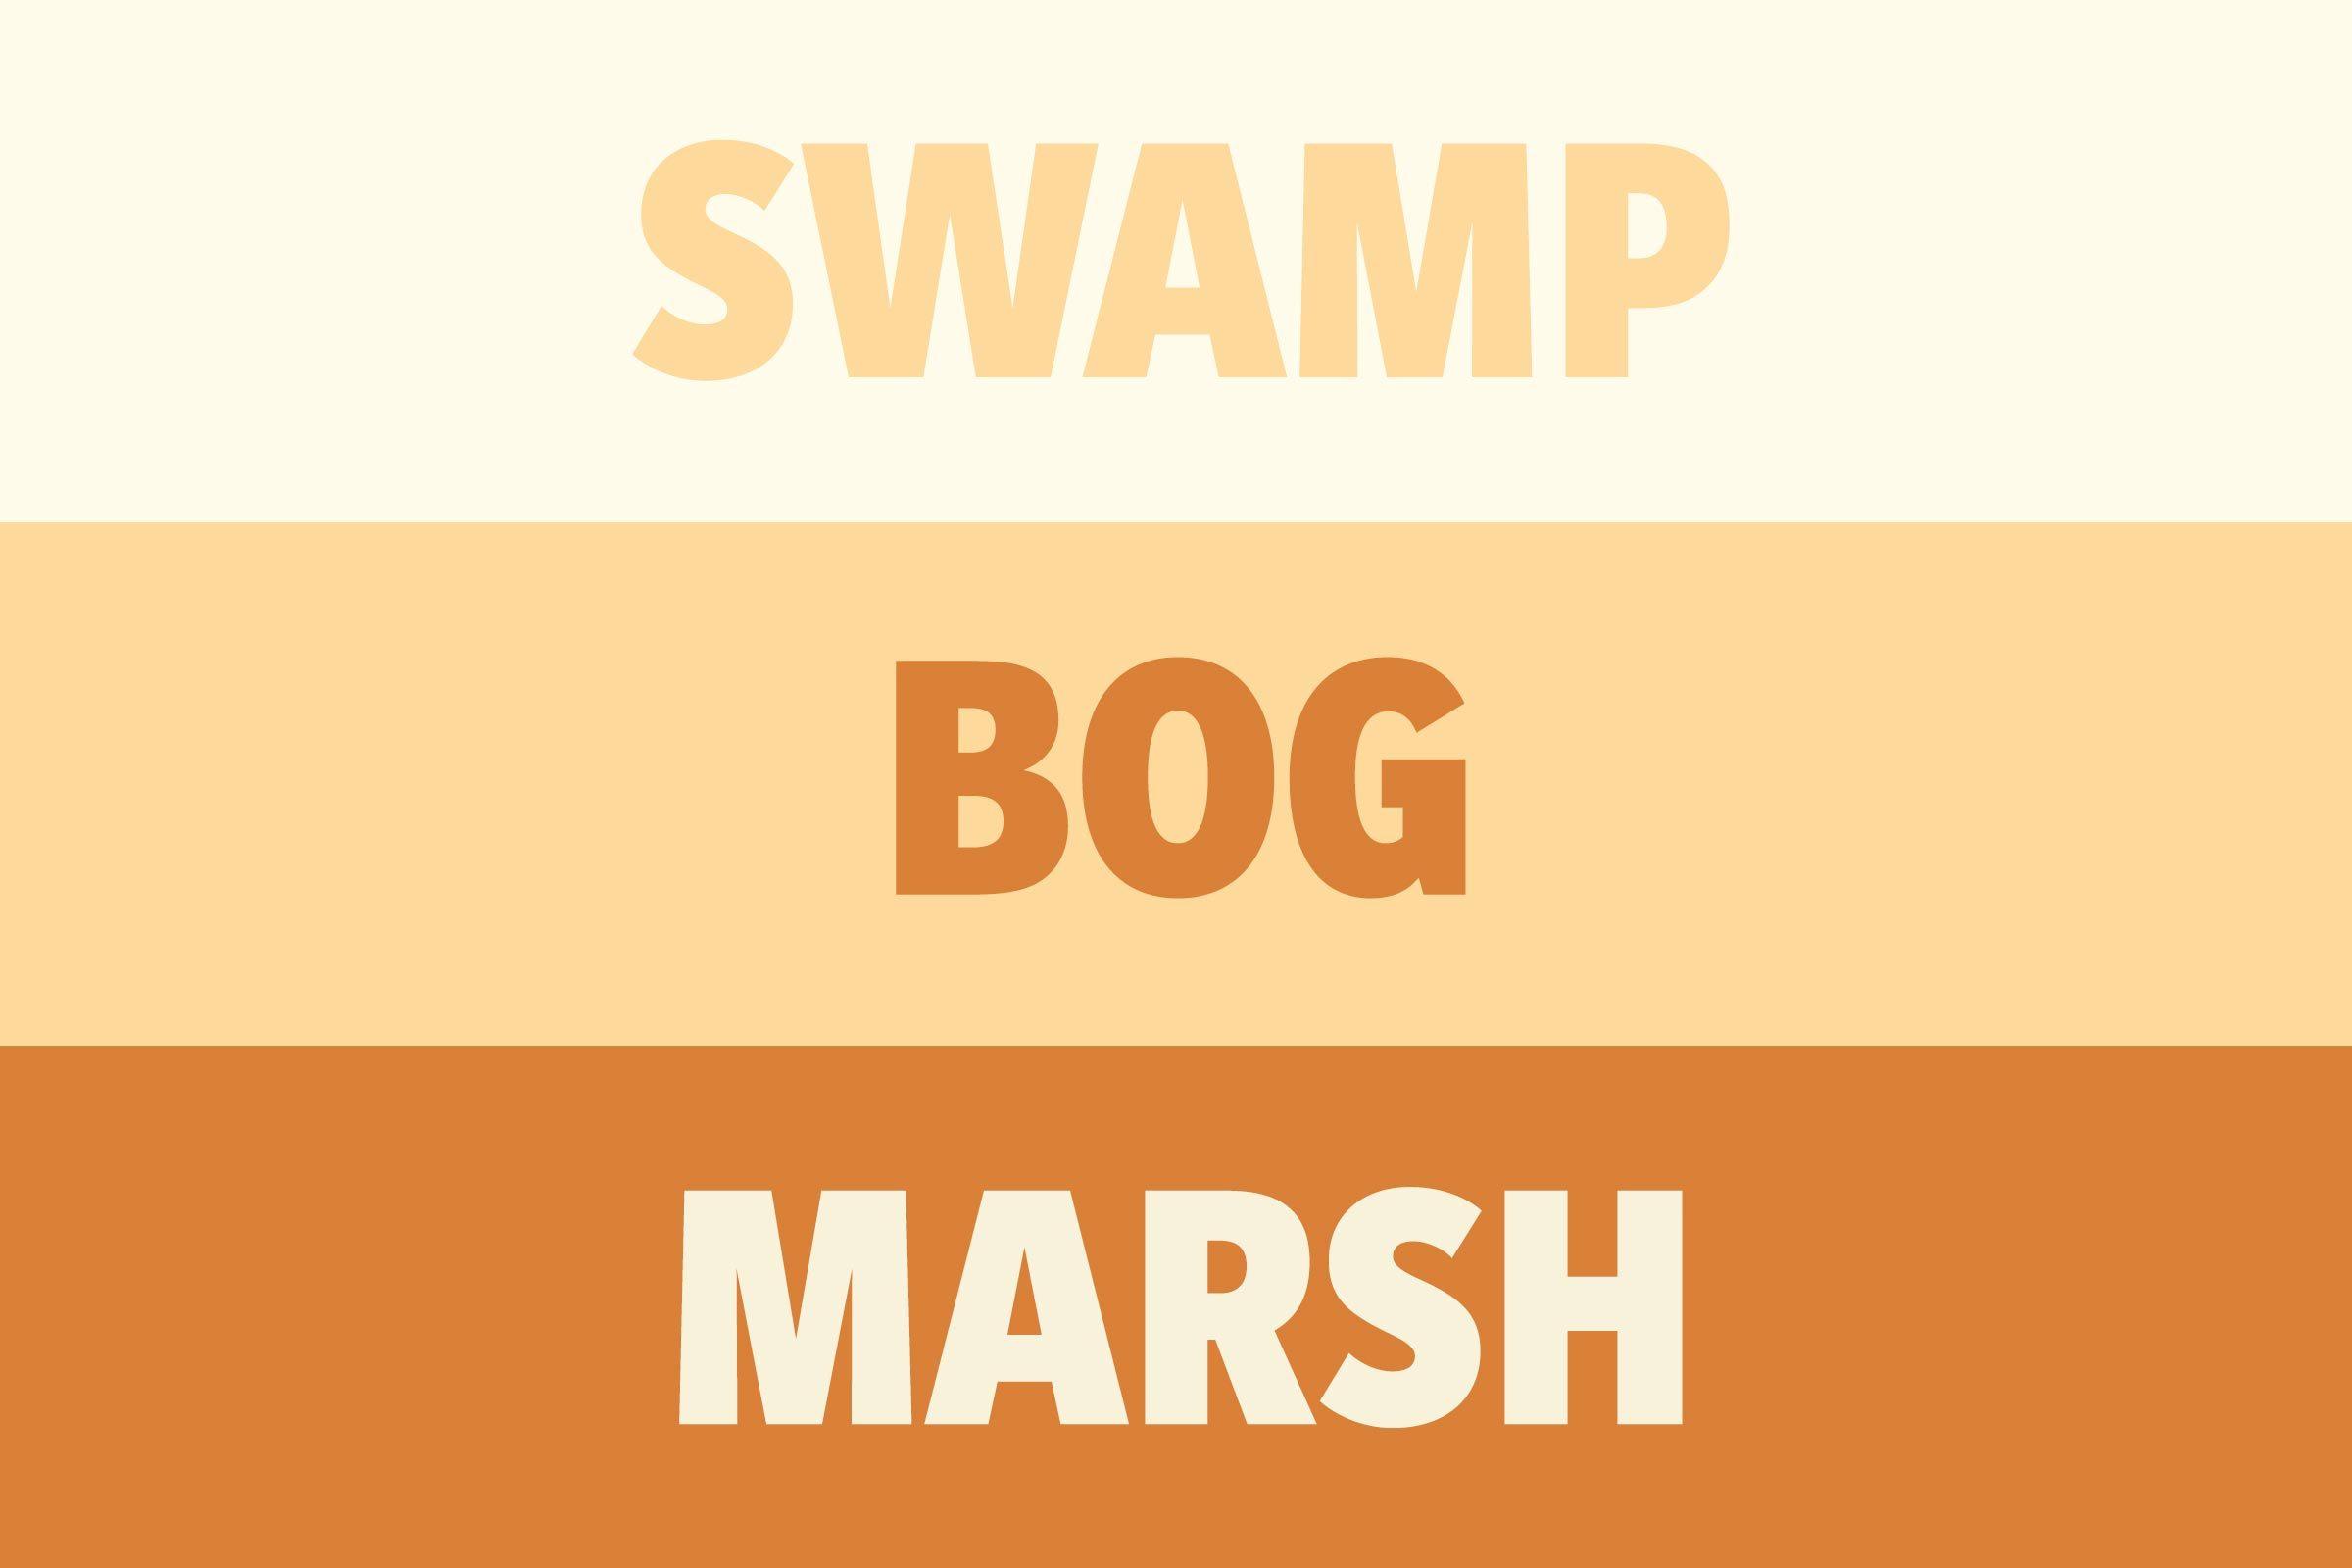 Swamp vs Bog vs Marsh